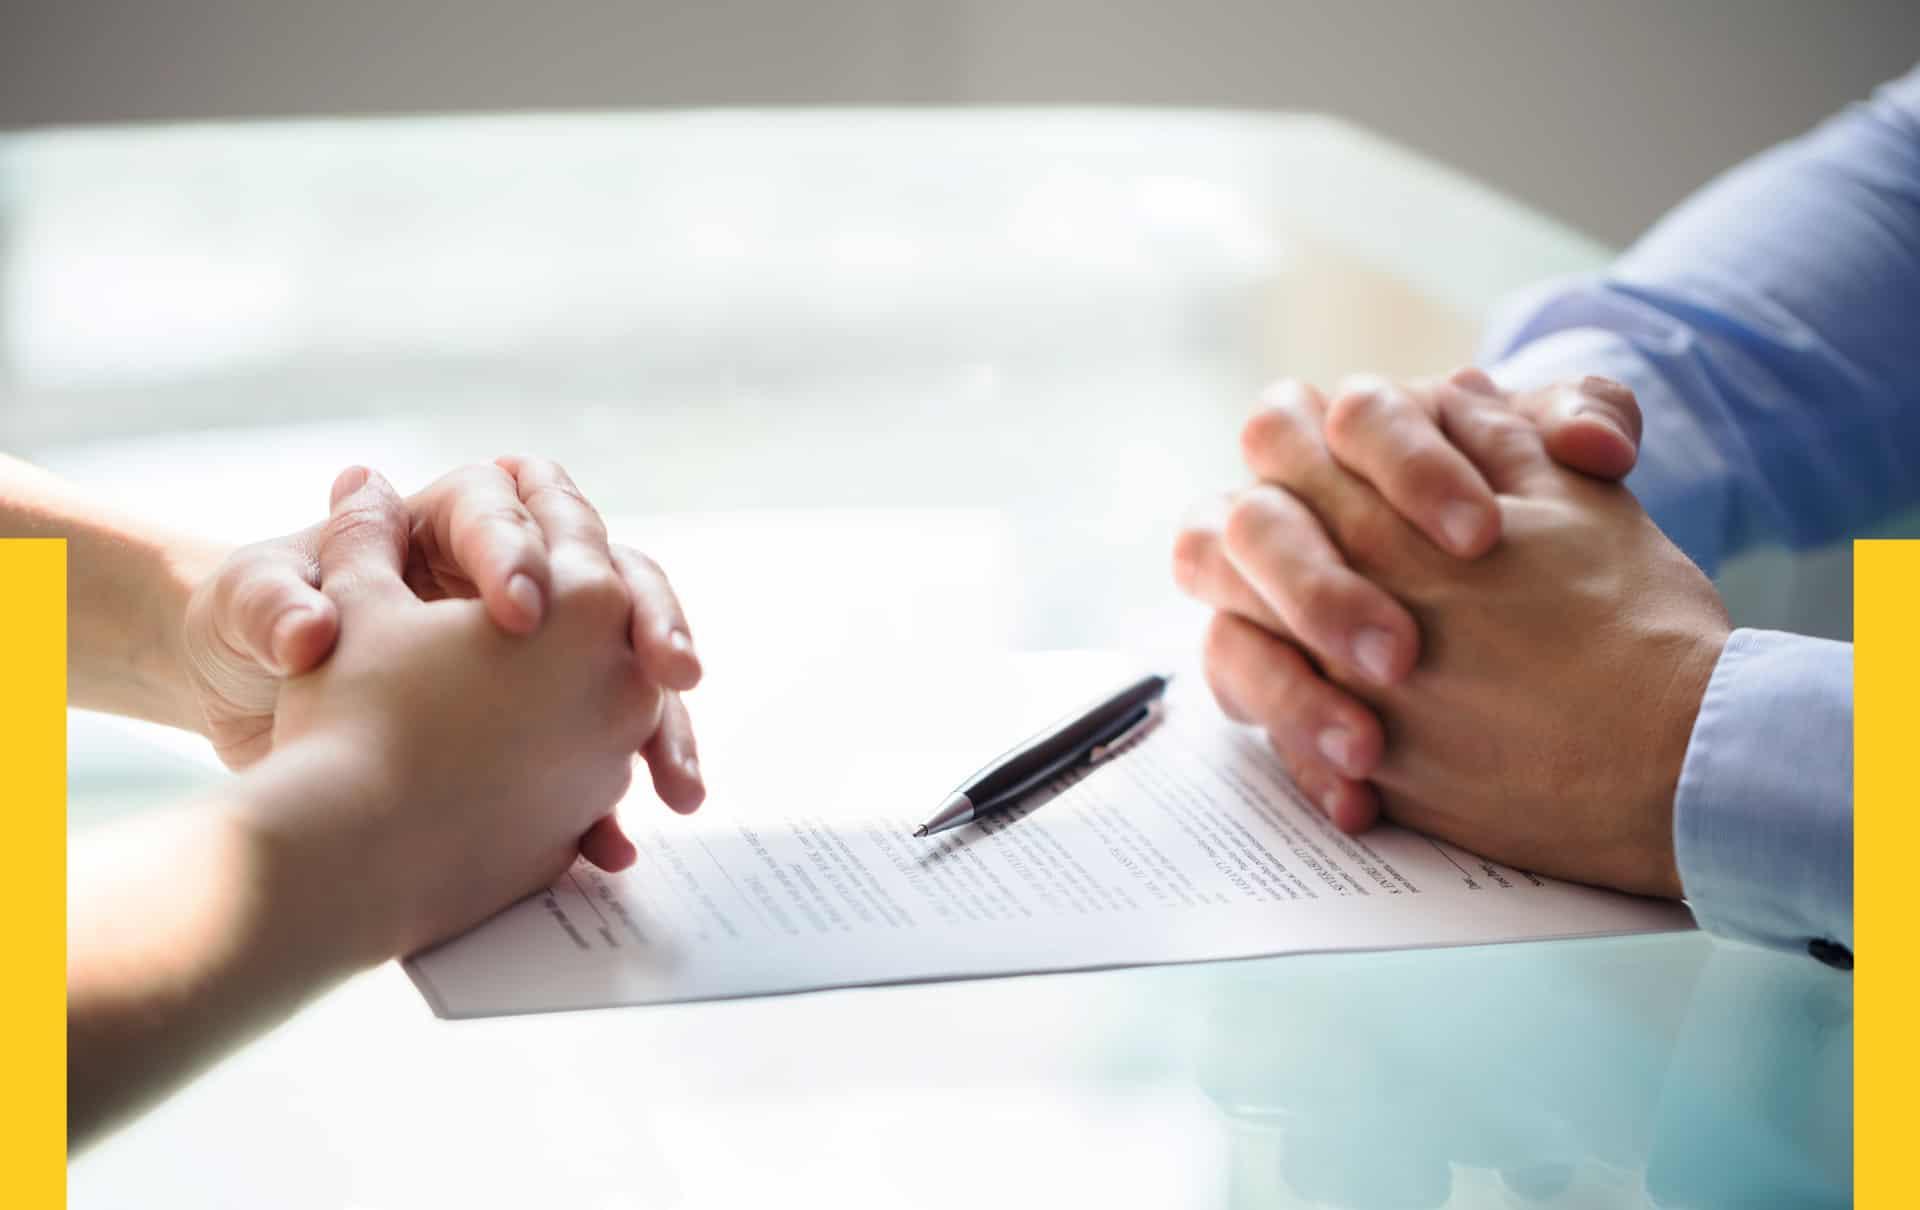 Mietrecht: Zustimmung des Ehepartners bei Mietvertragskündigung?